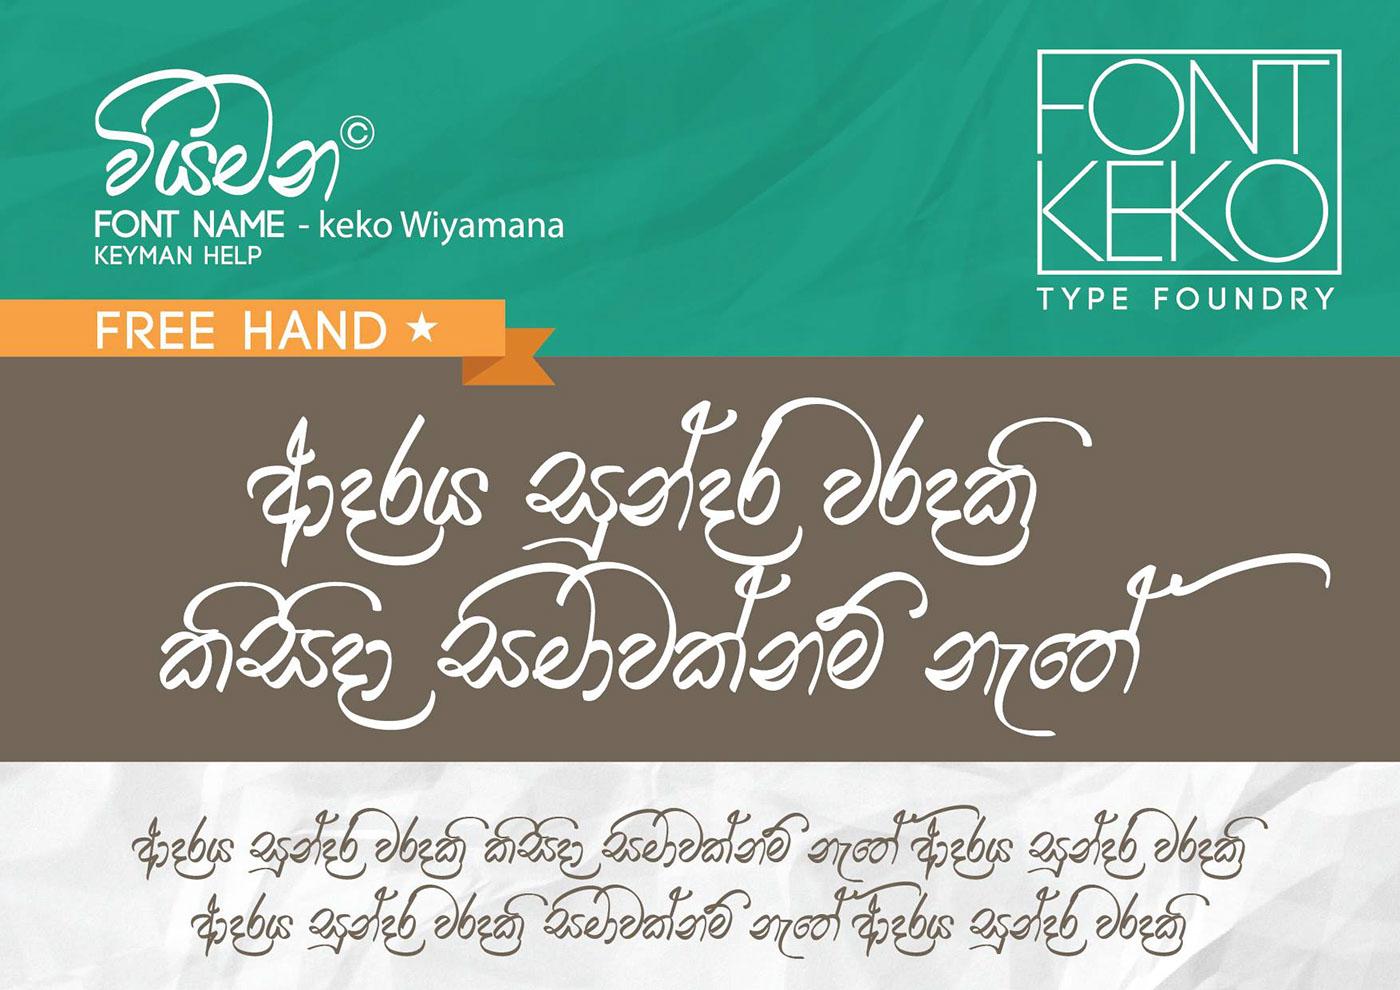 Font Keko-Sinhala Font Design on Behance